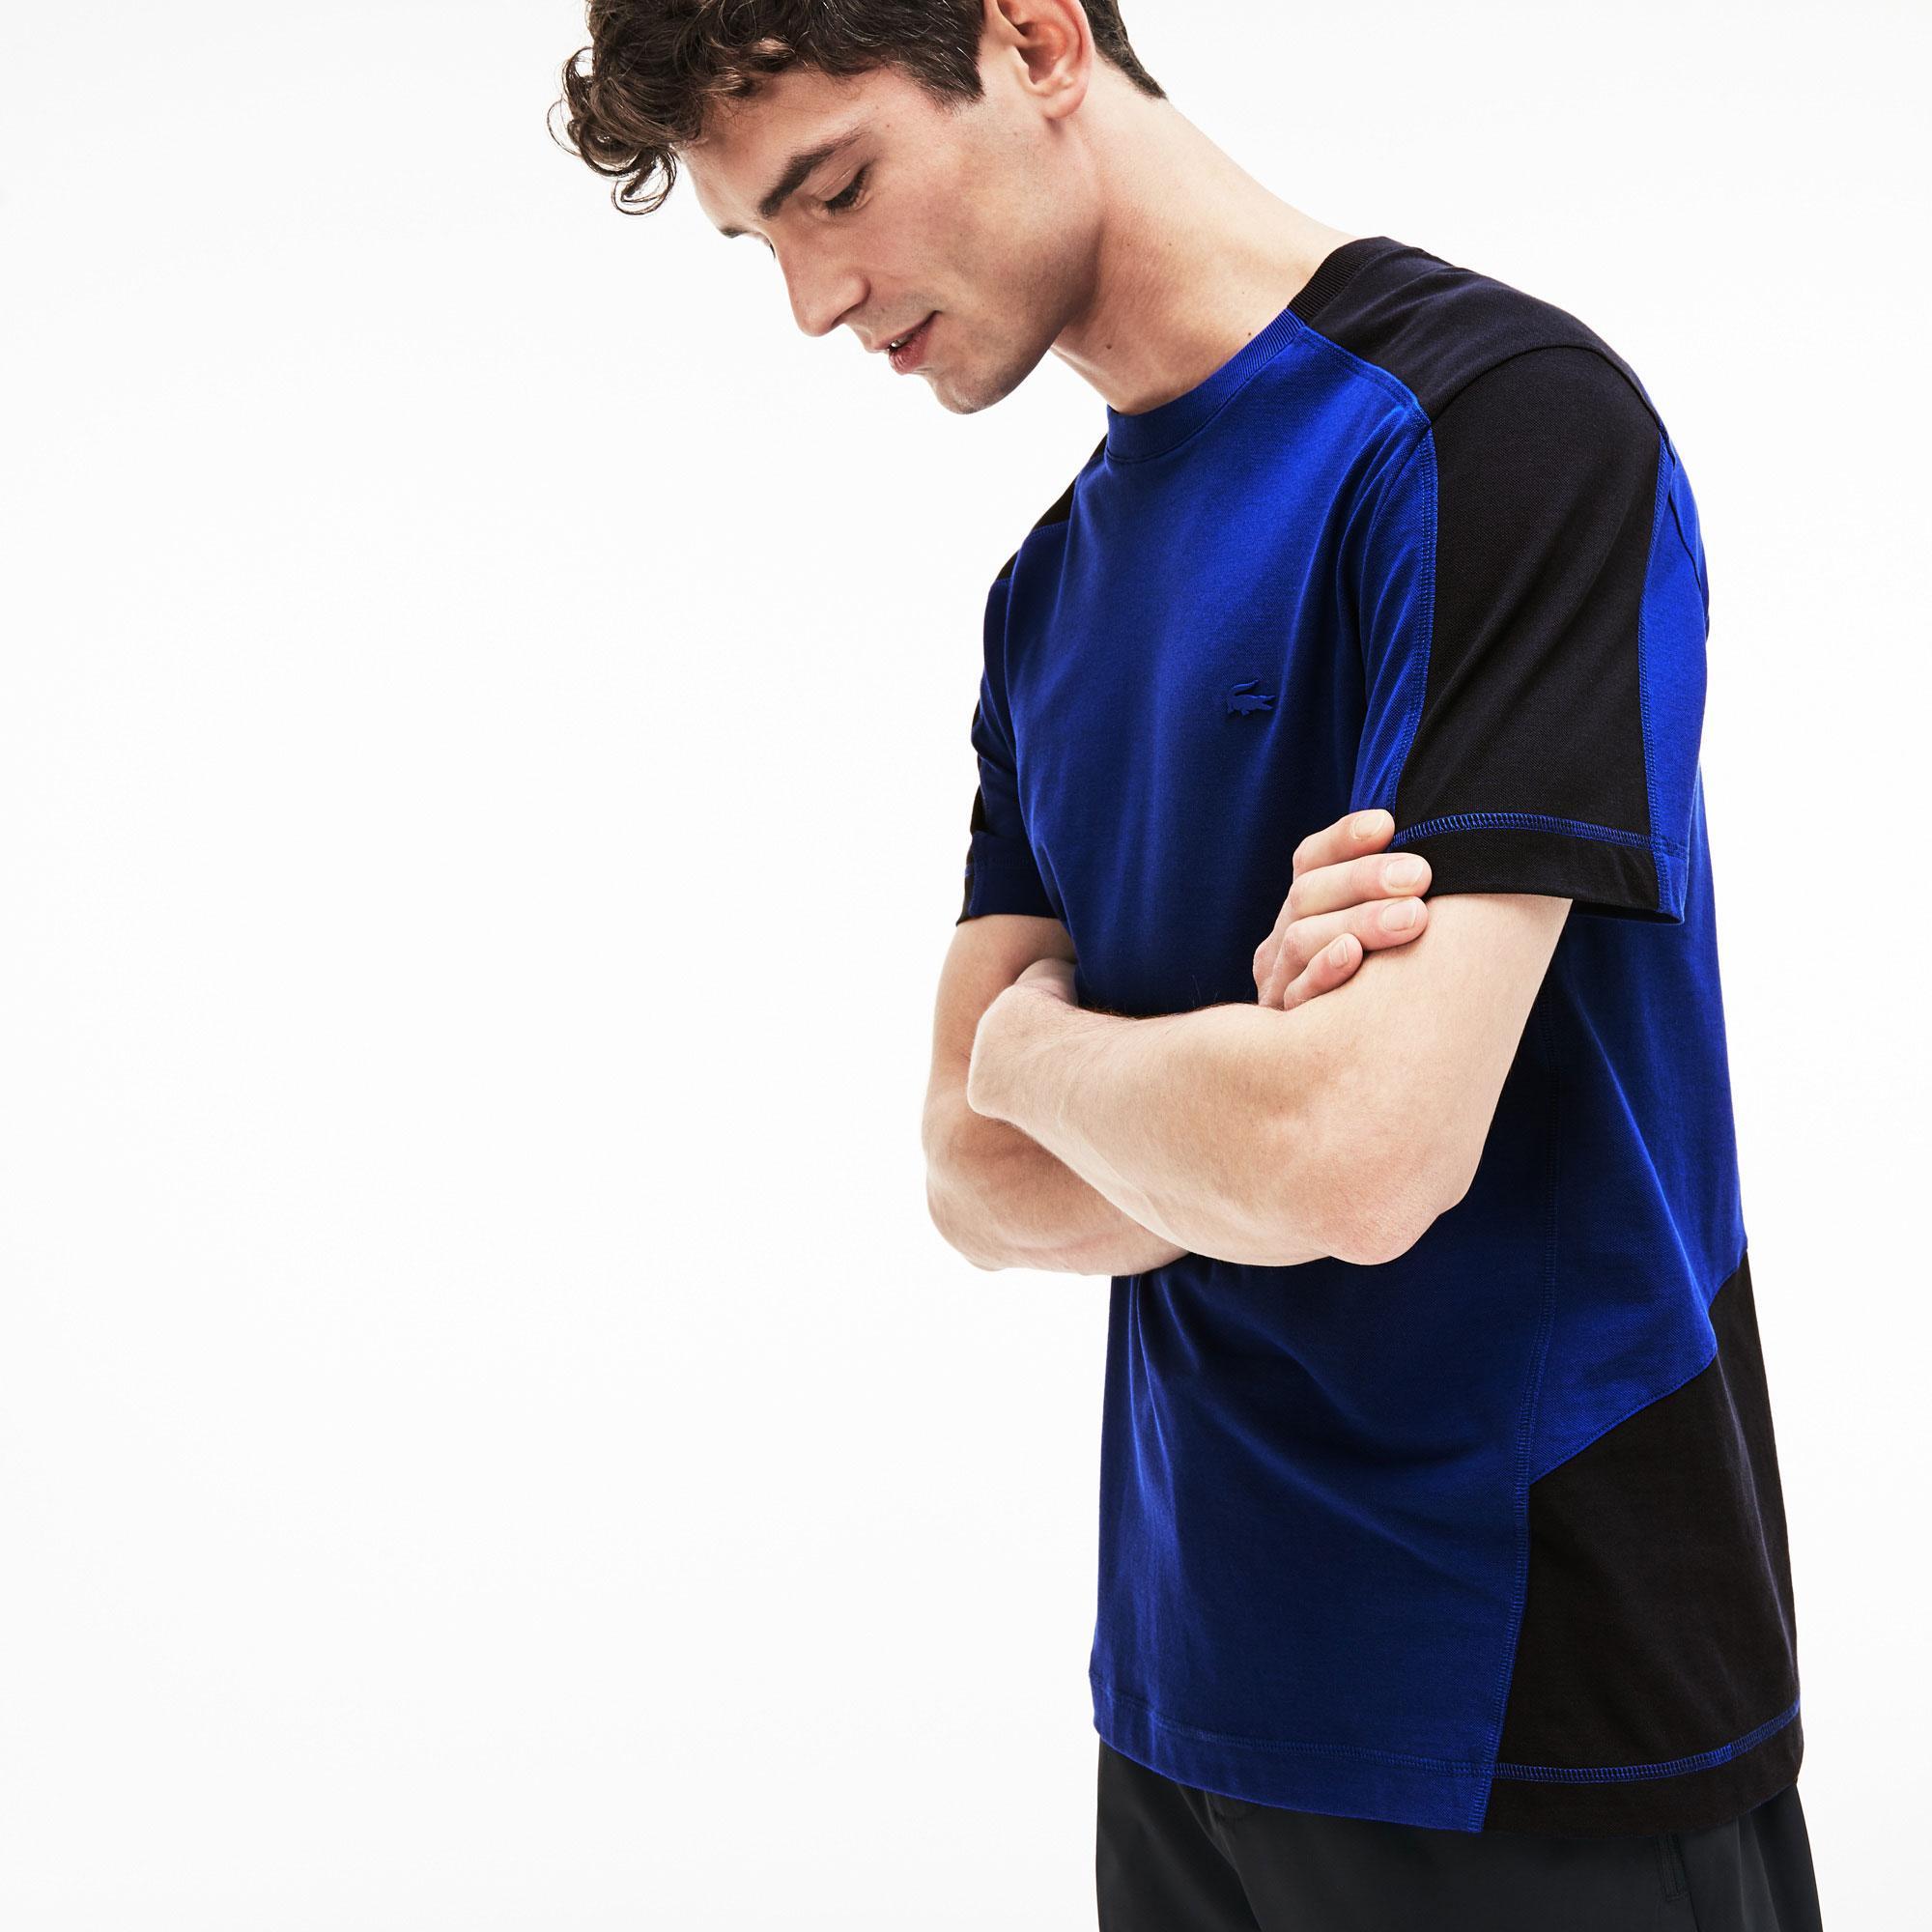 Lacoste Men's Motion  Crew Neck Bicolour Ultra Light Cotton T-Shirt